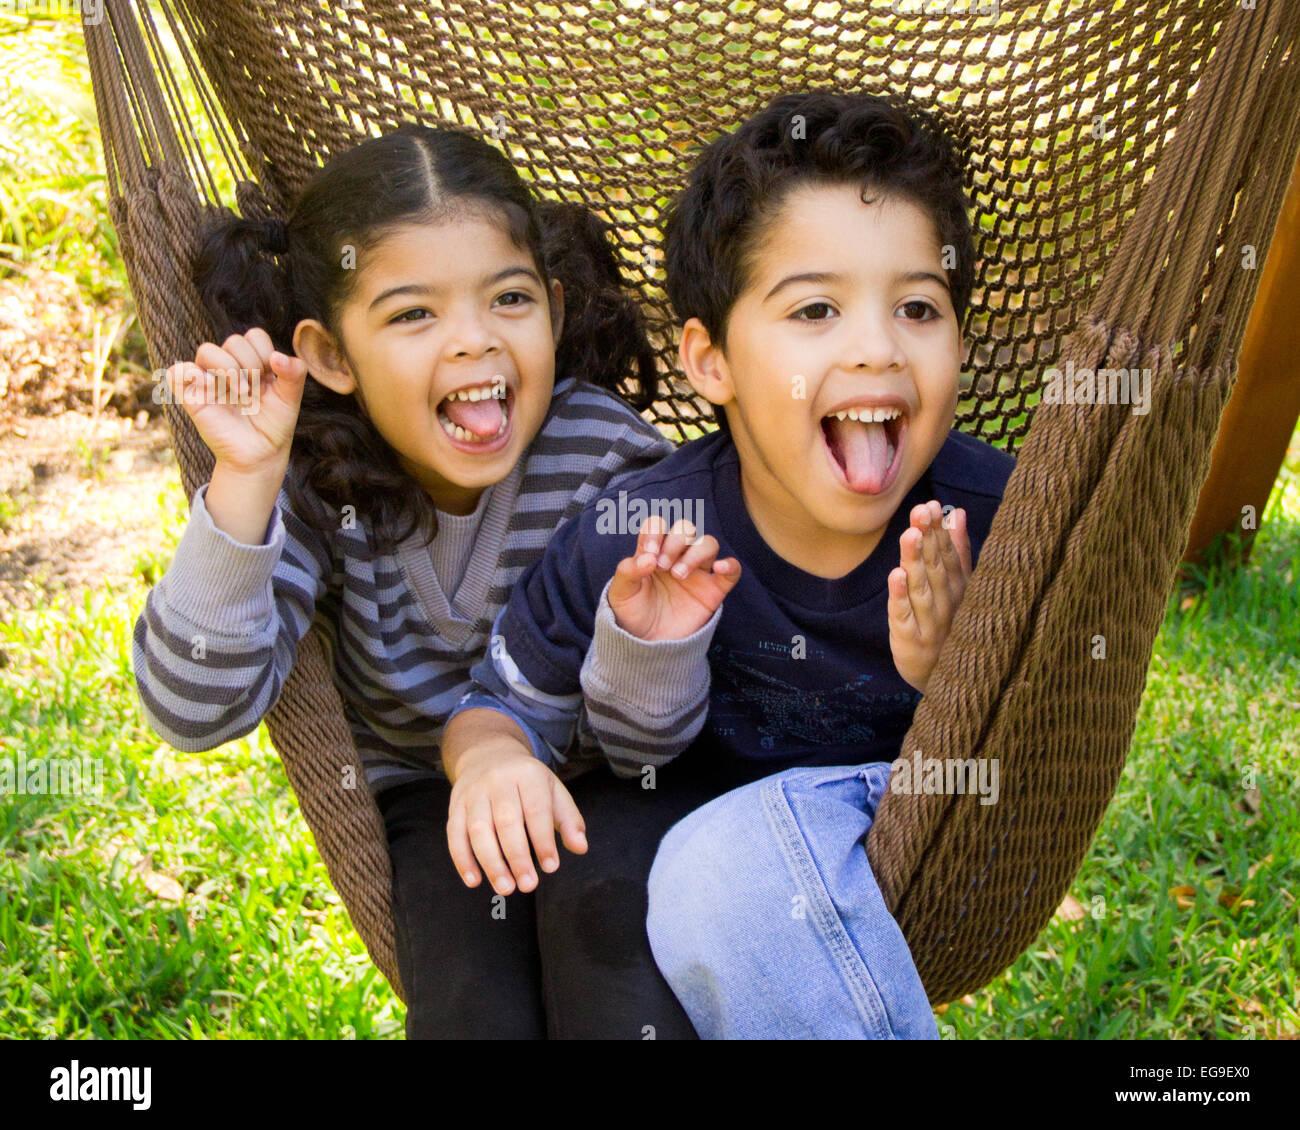 Frère et soeur assis dans un hamac pulling funny faces Photo Stock